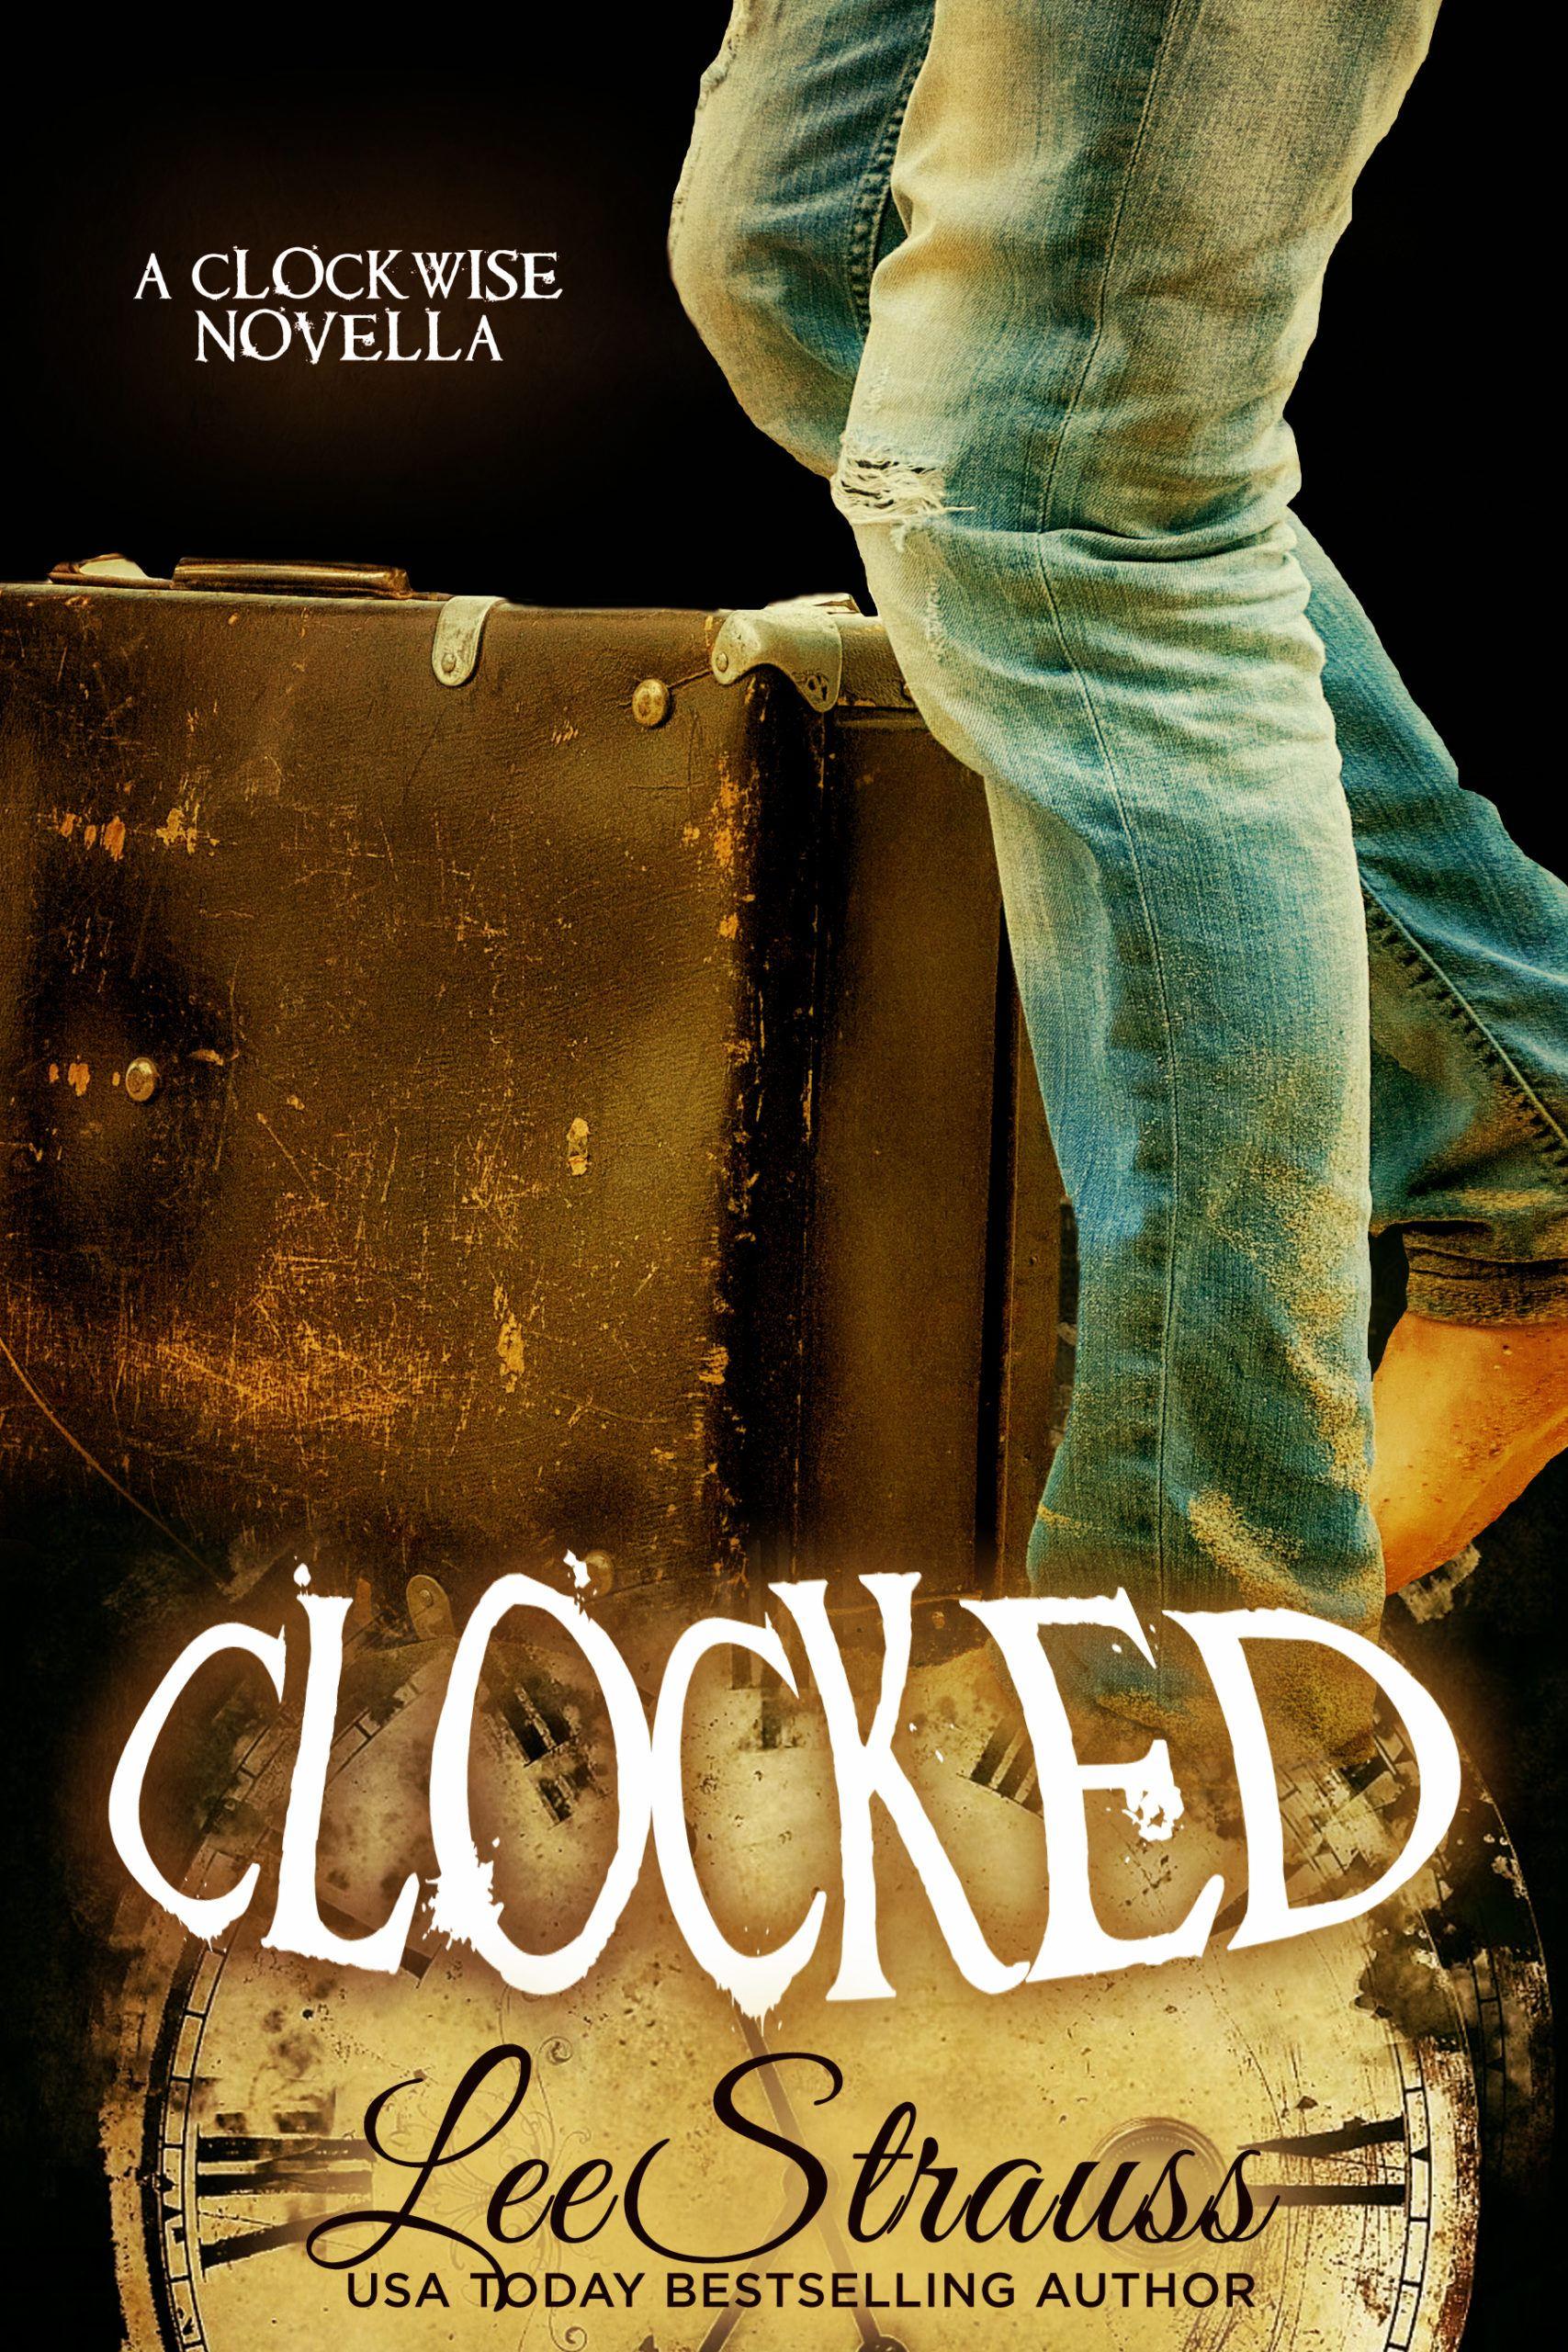 Clocked